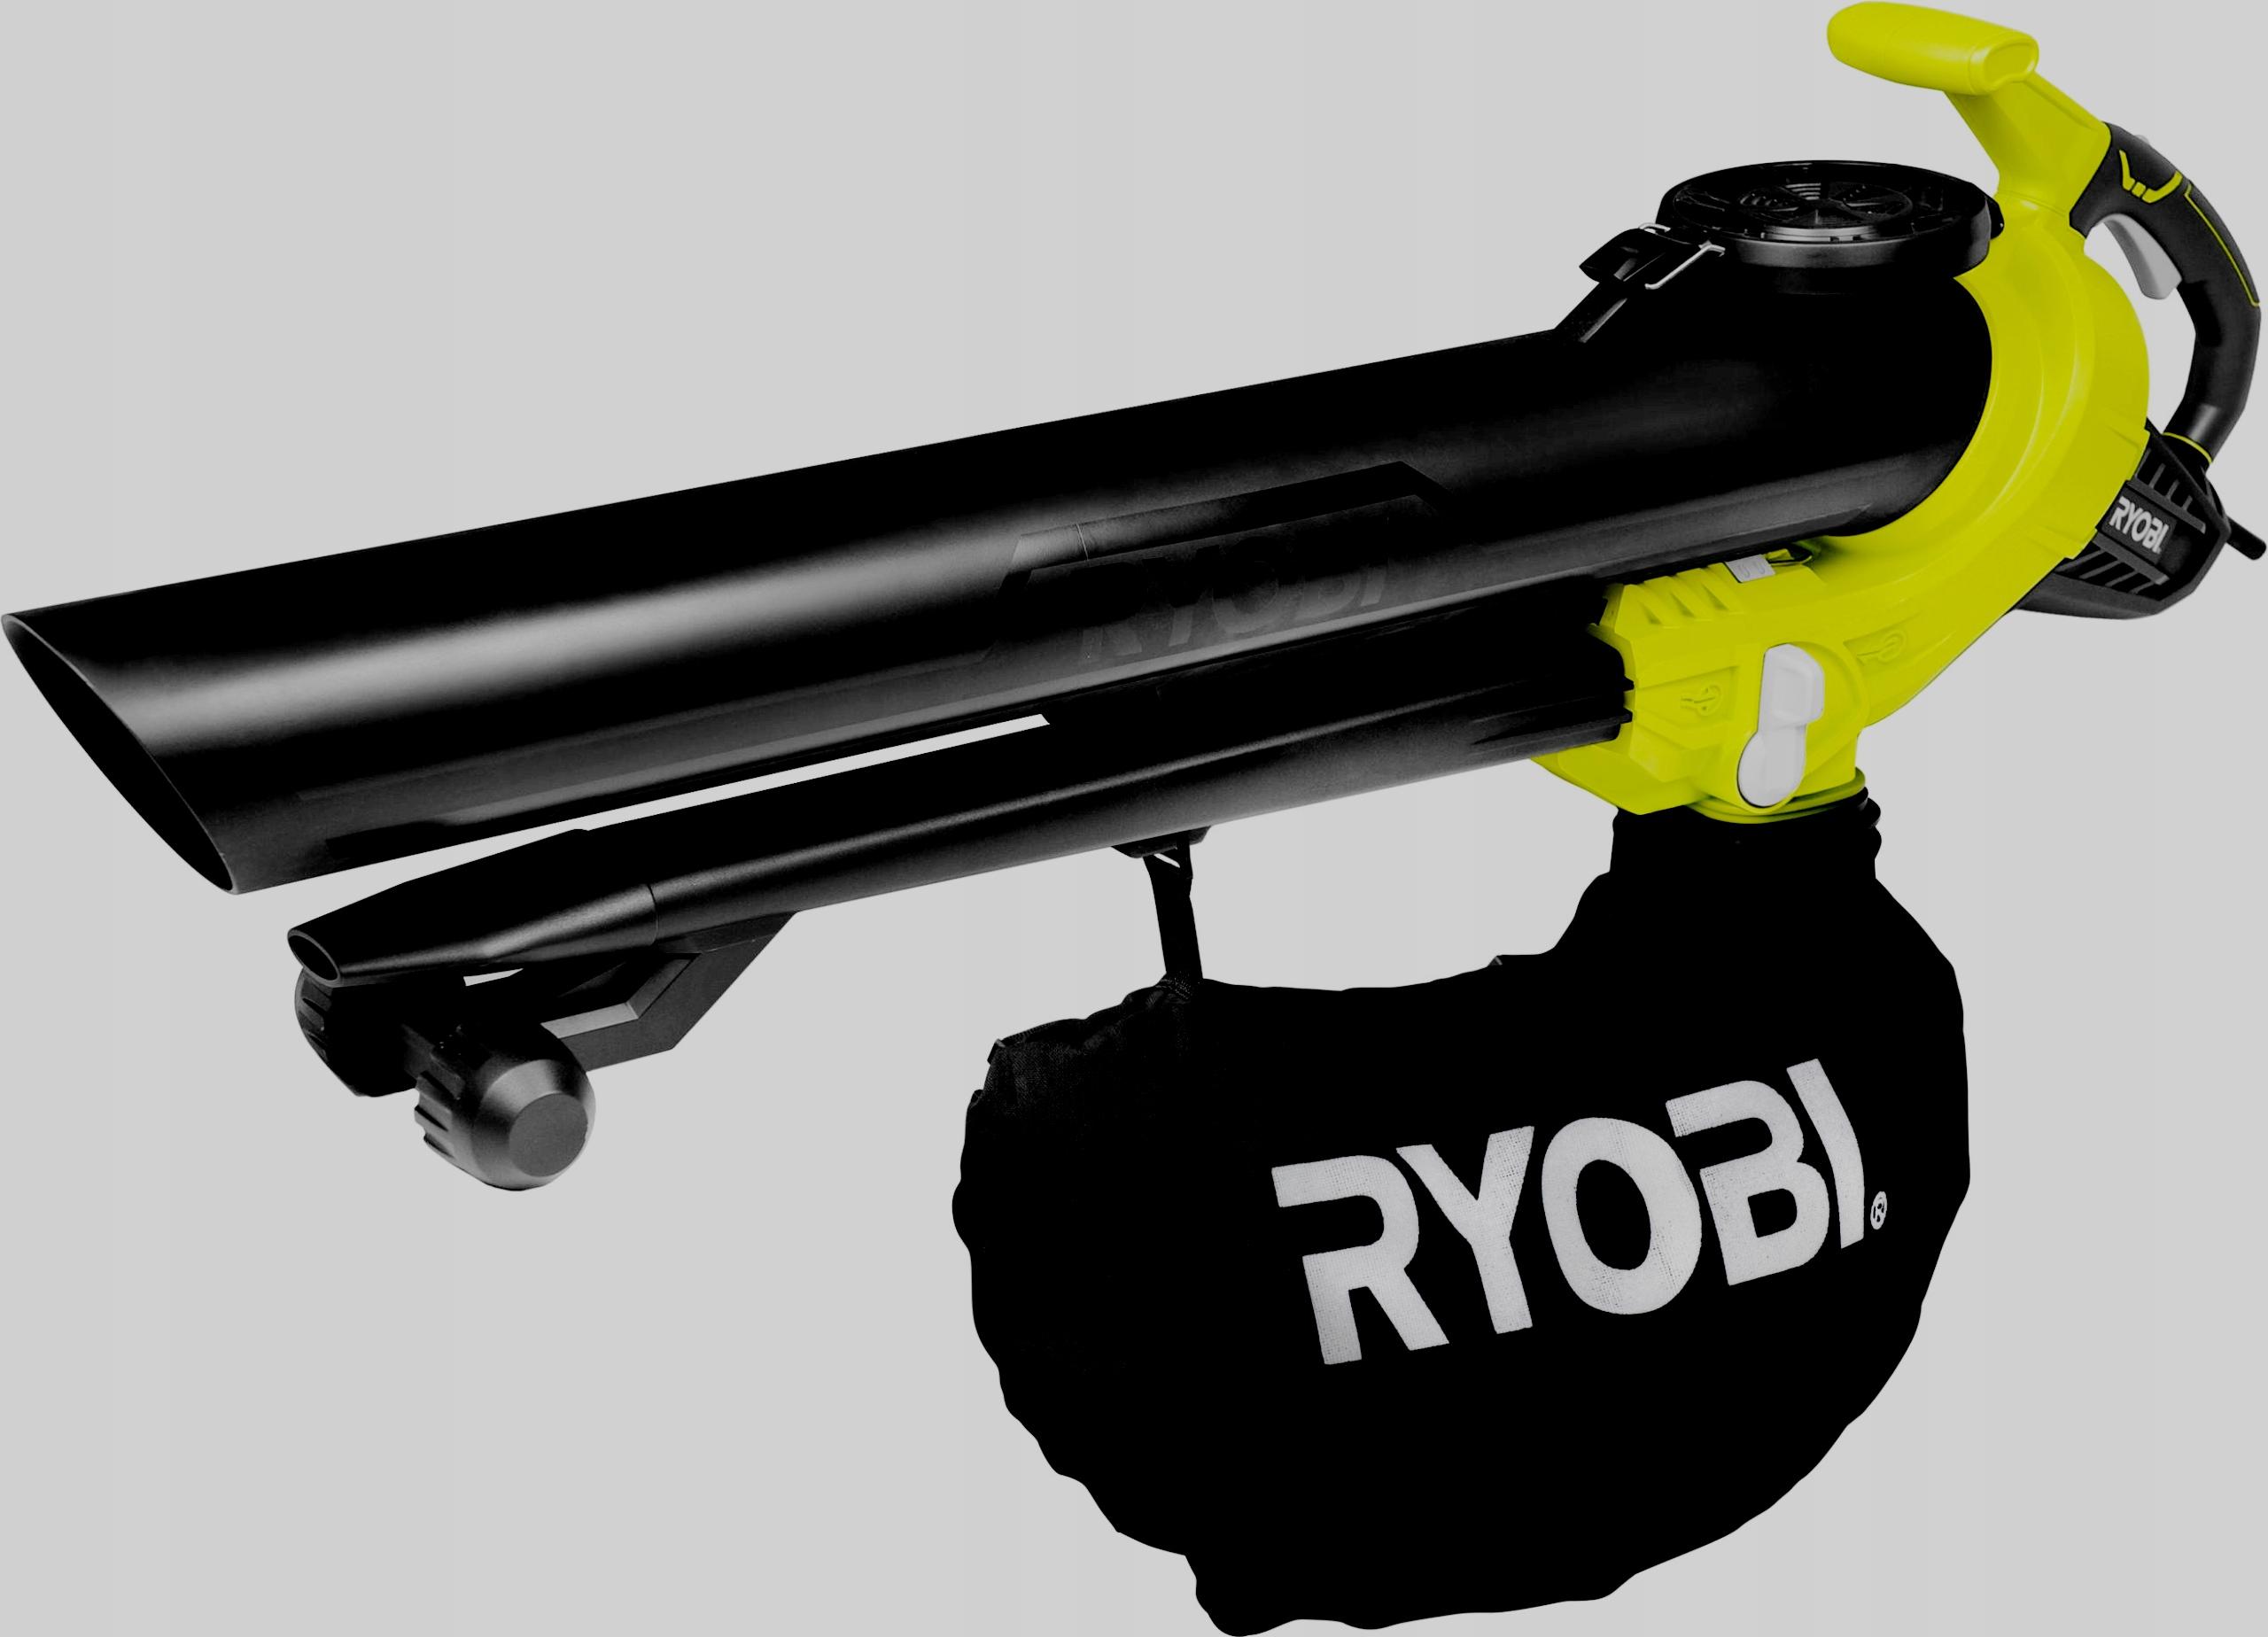 Ryobi RBV 3000 CSV